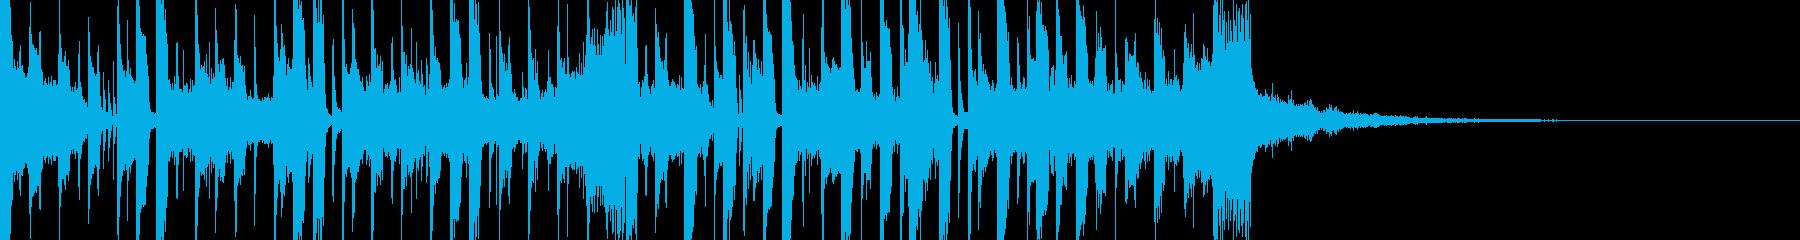 爽やかで近未来的なサウンドロゴの再生済みの波形